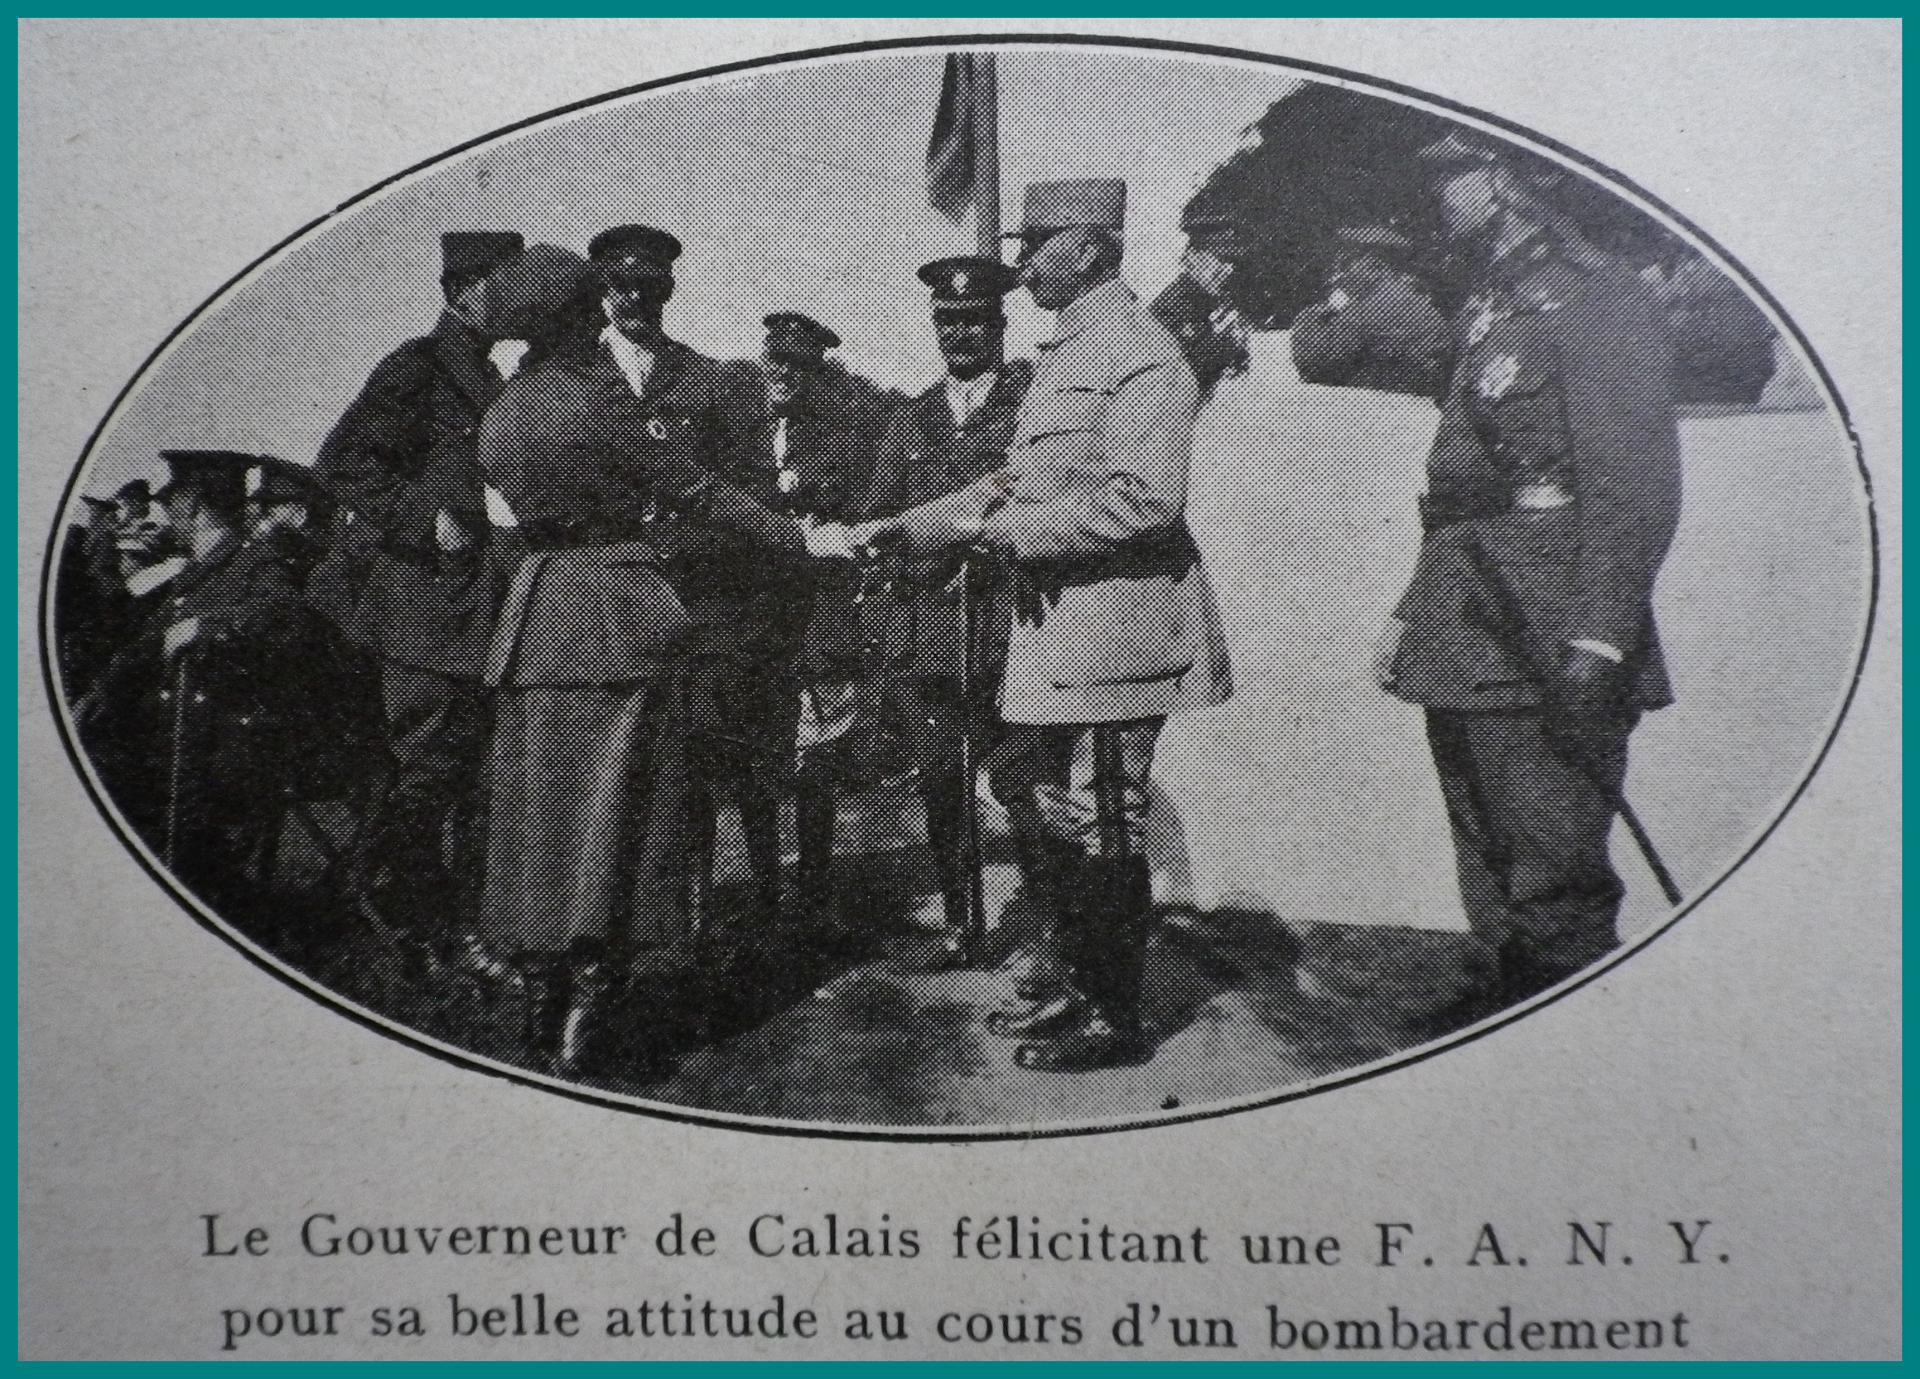 Calais 14 18 le gouverneur de calais felicite une fany encadre